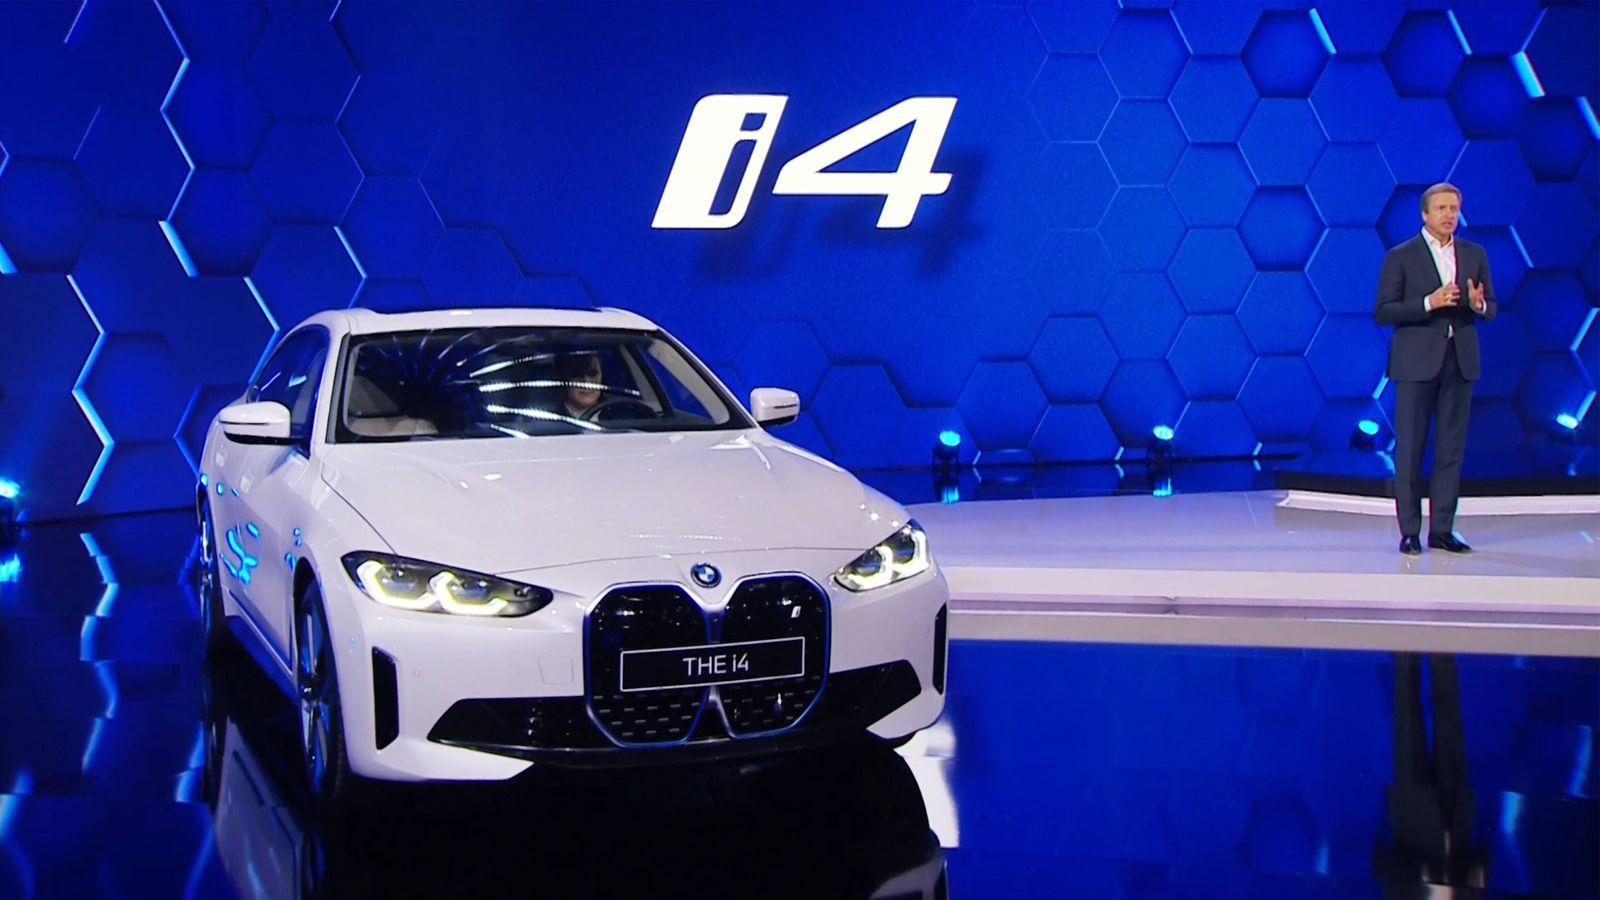 Deutschland, Muenchen, 17.03.2021 Bilanzpressekonferenz der BMW AG Foto: Oliver Zipse, Vorstandsvorsitzender, waehrend